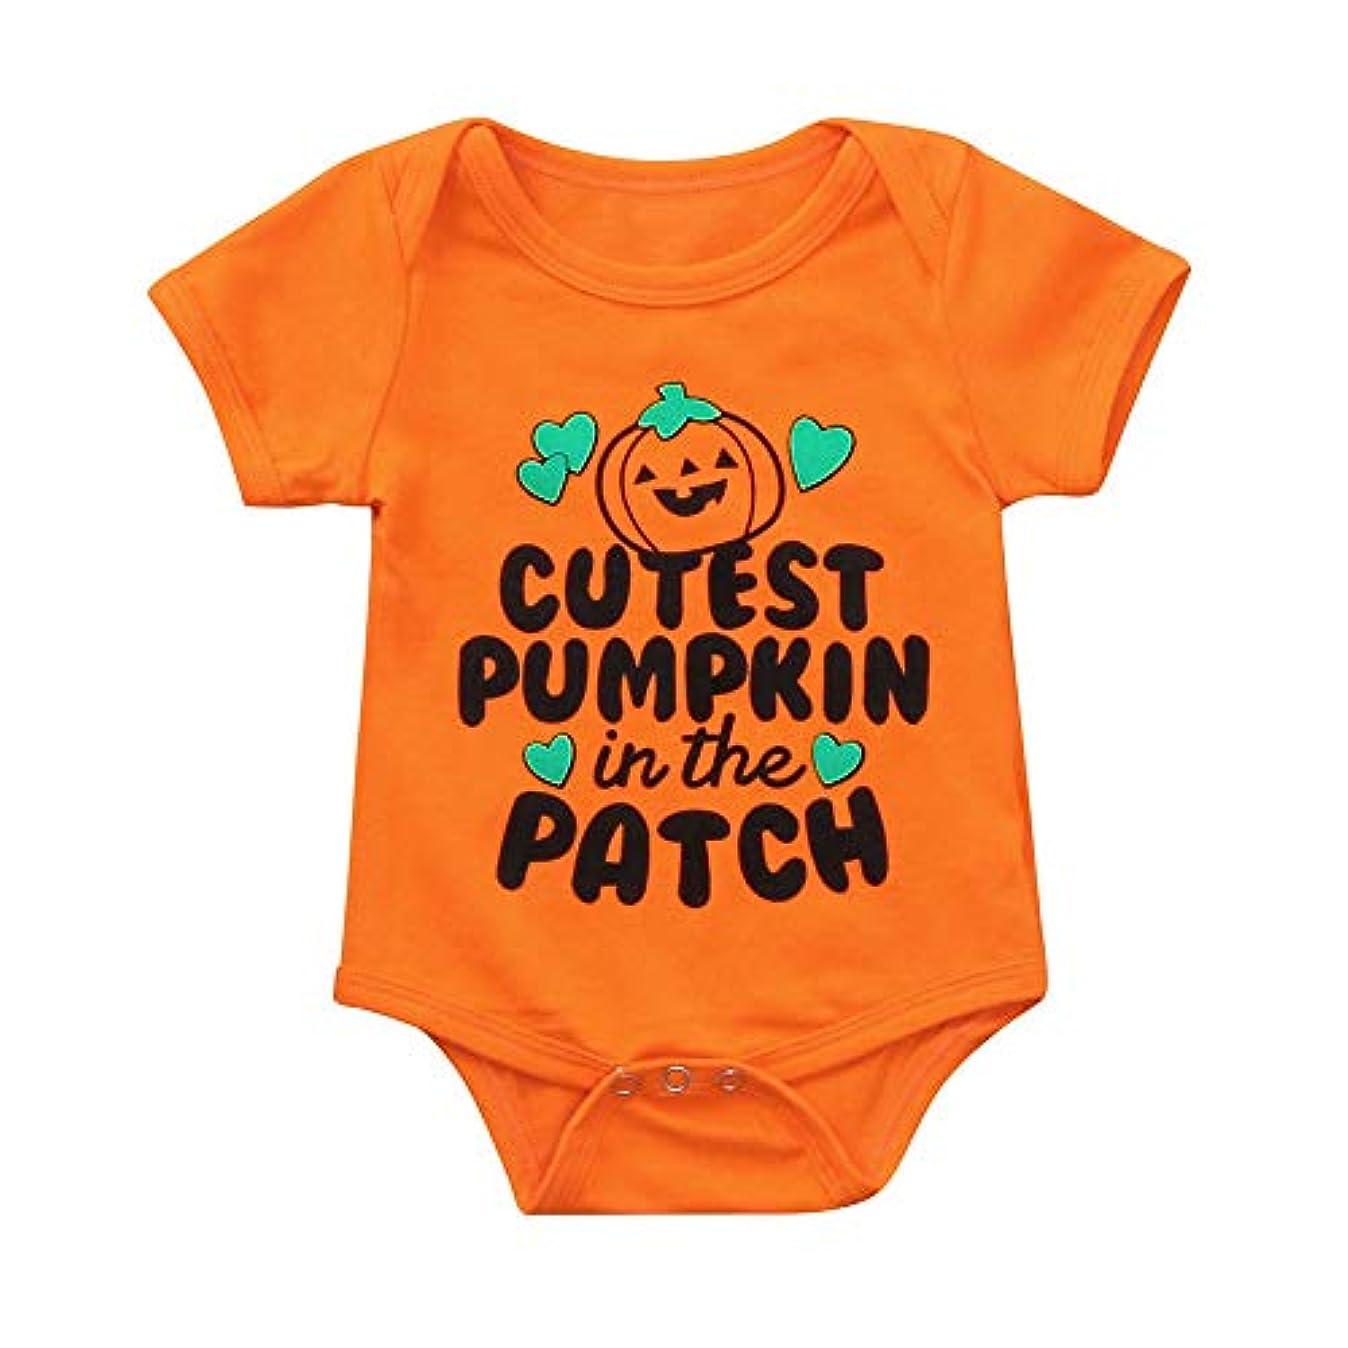 継続中表示表示Wyntroy ベビー服 Halloween ハロウィーンの衣装 新生児 素敵な 半袖 ロンパース 可愛い かぼちゃ南瓜柄 ベビージャンプスーツ ベビートップス ハロウィン 出産祝い 赤ちゃん お祝いの ベビースーツ シャツ